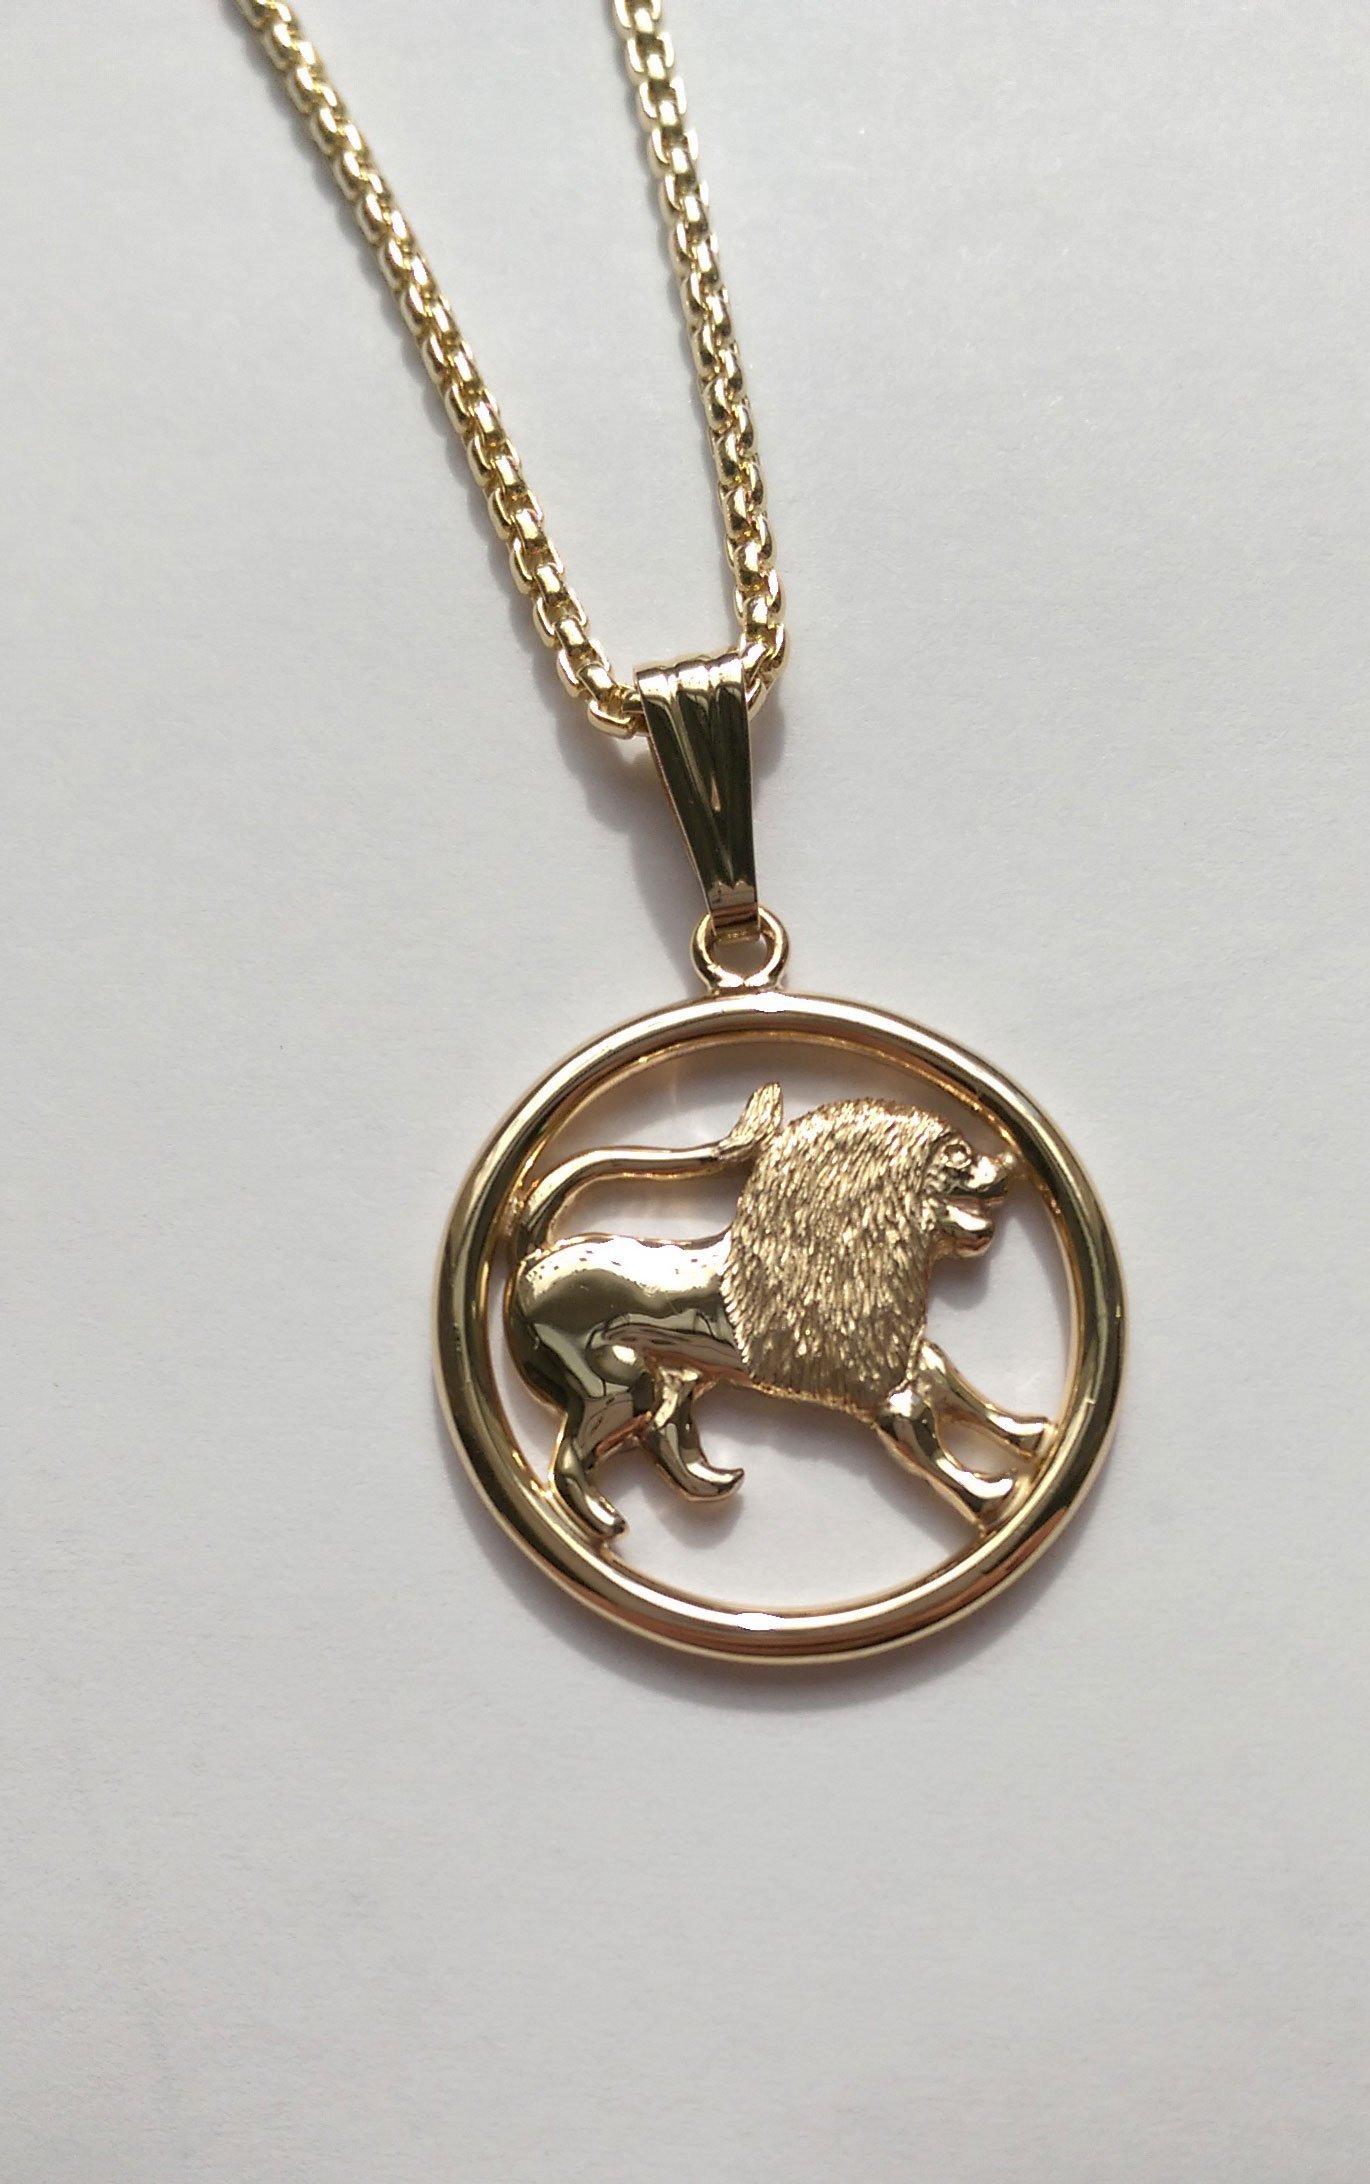 A lion pendant